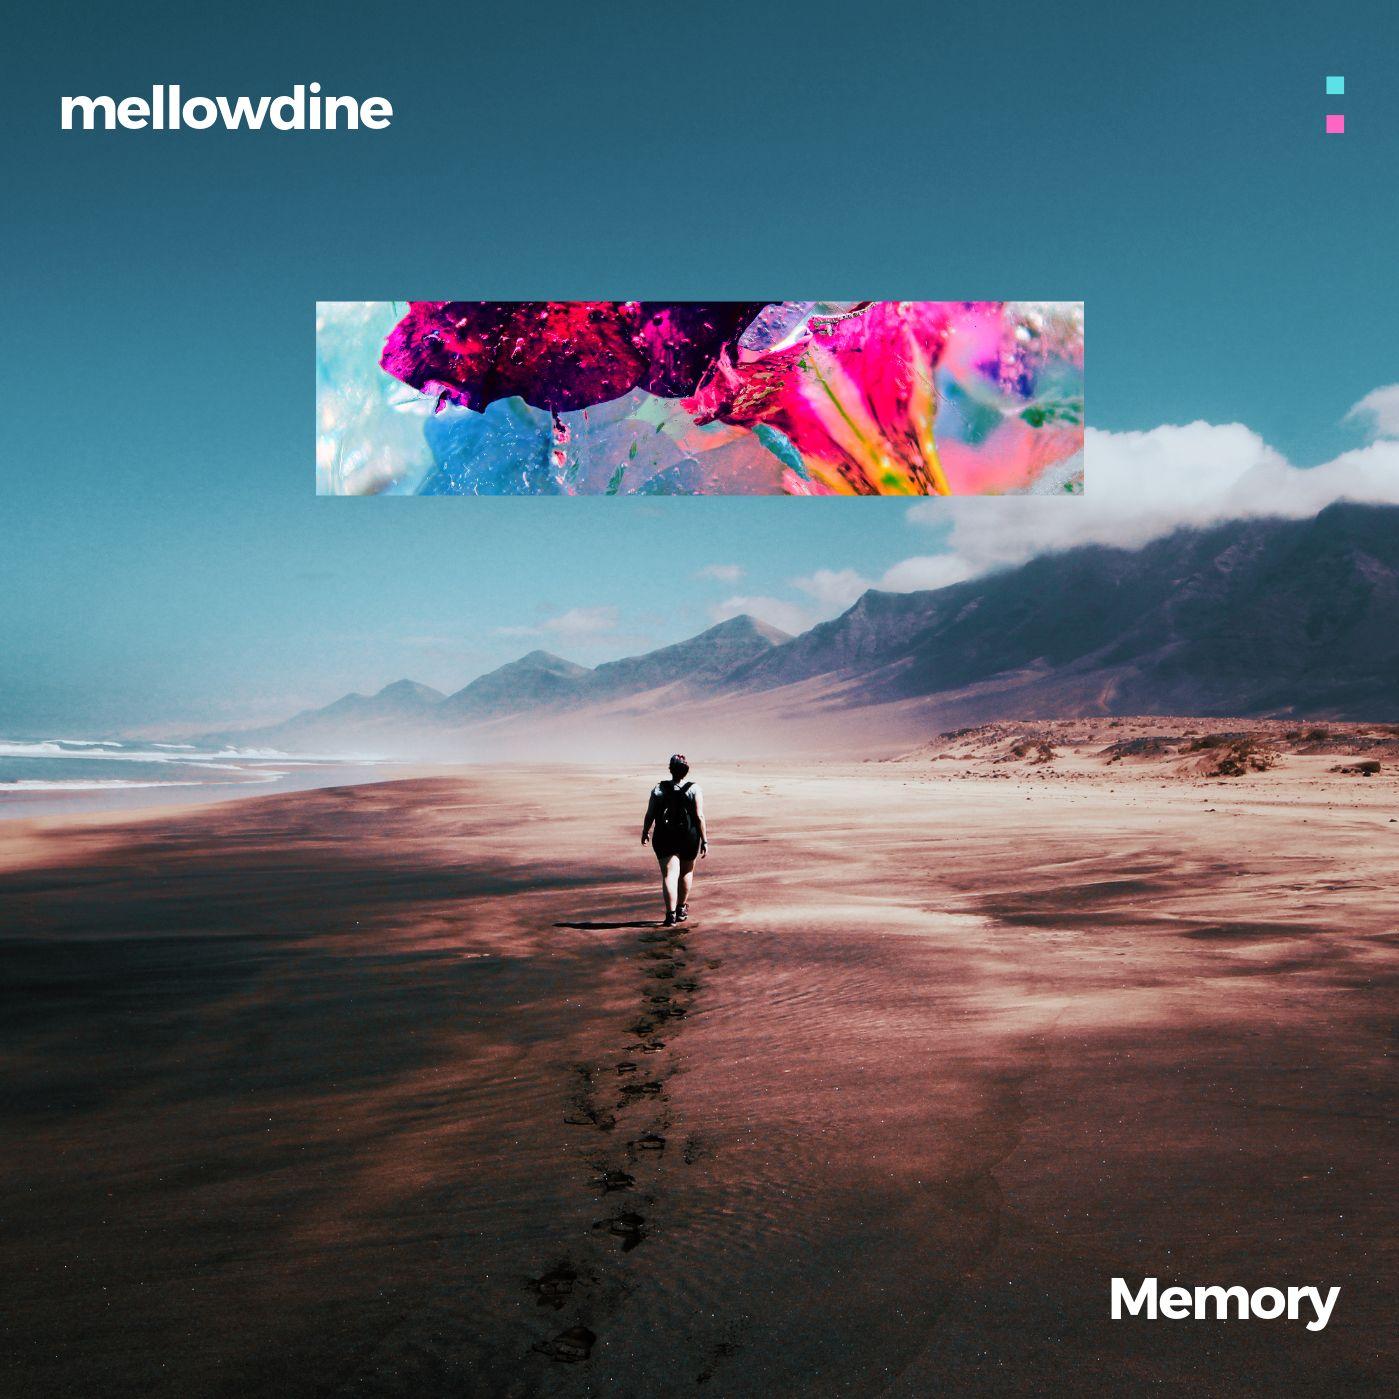 mellowdine-memory